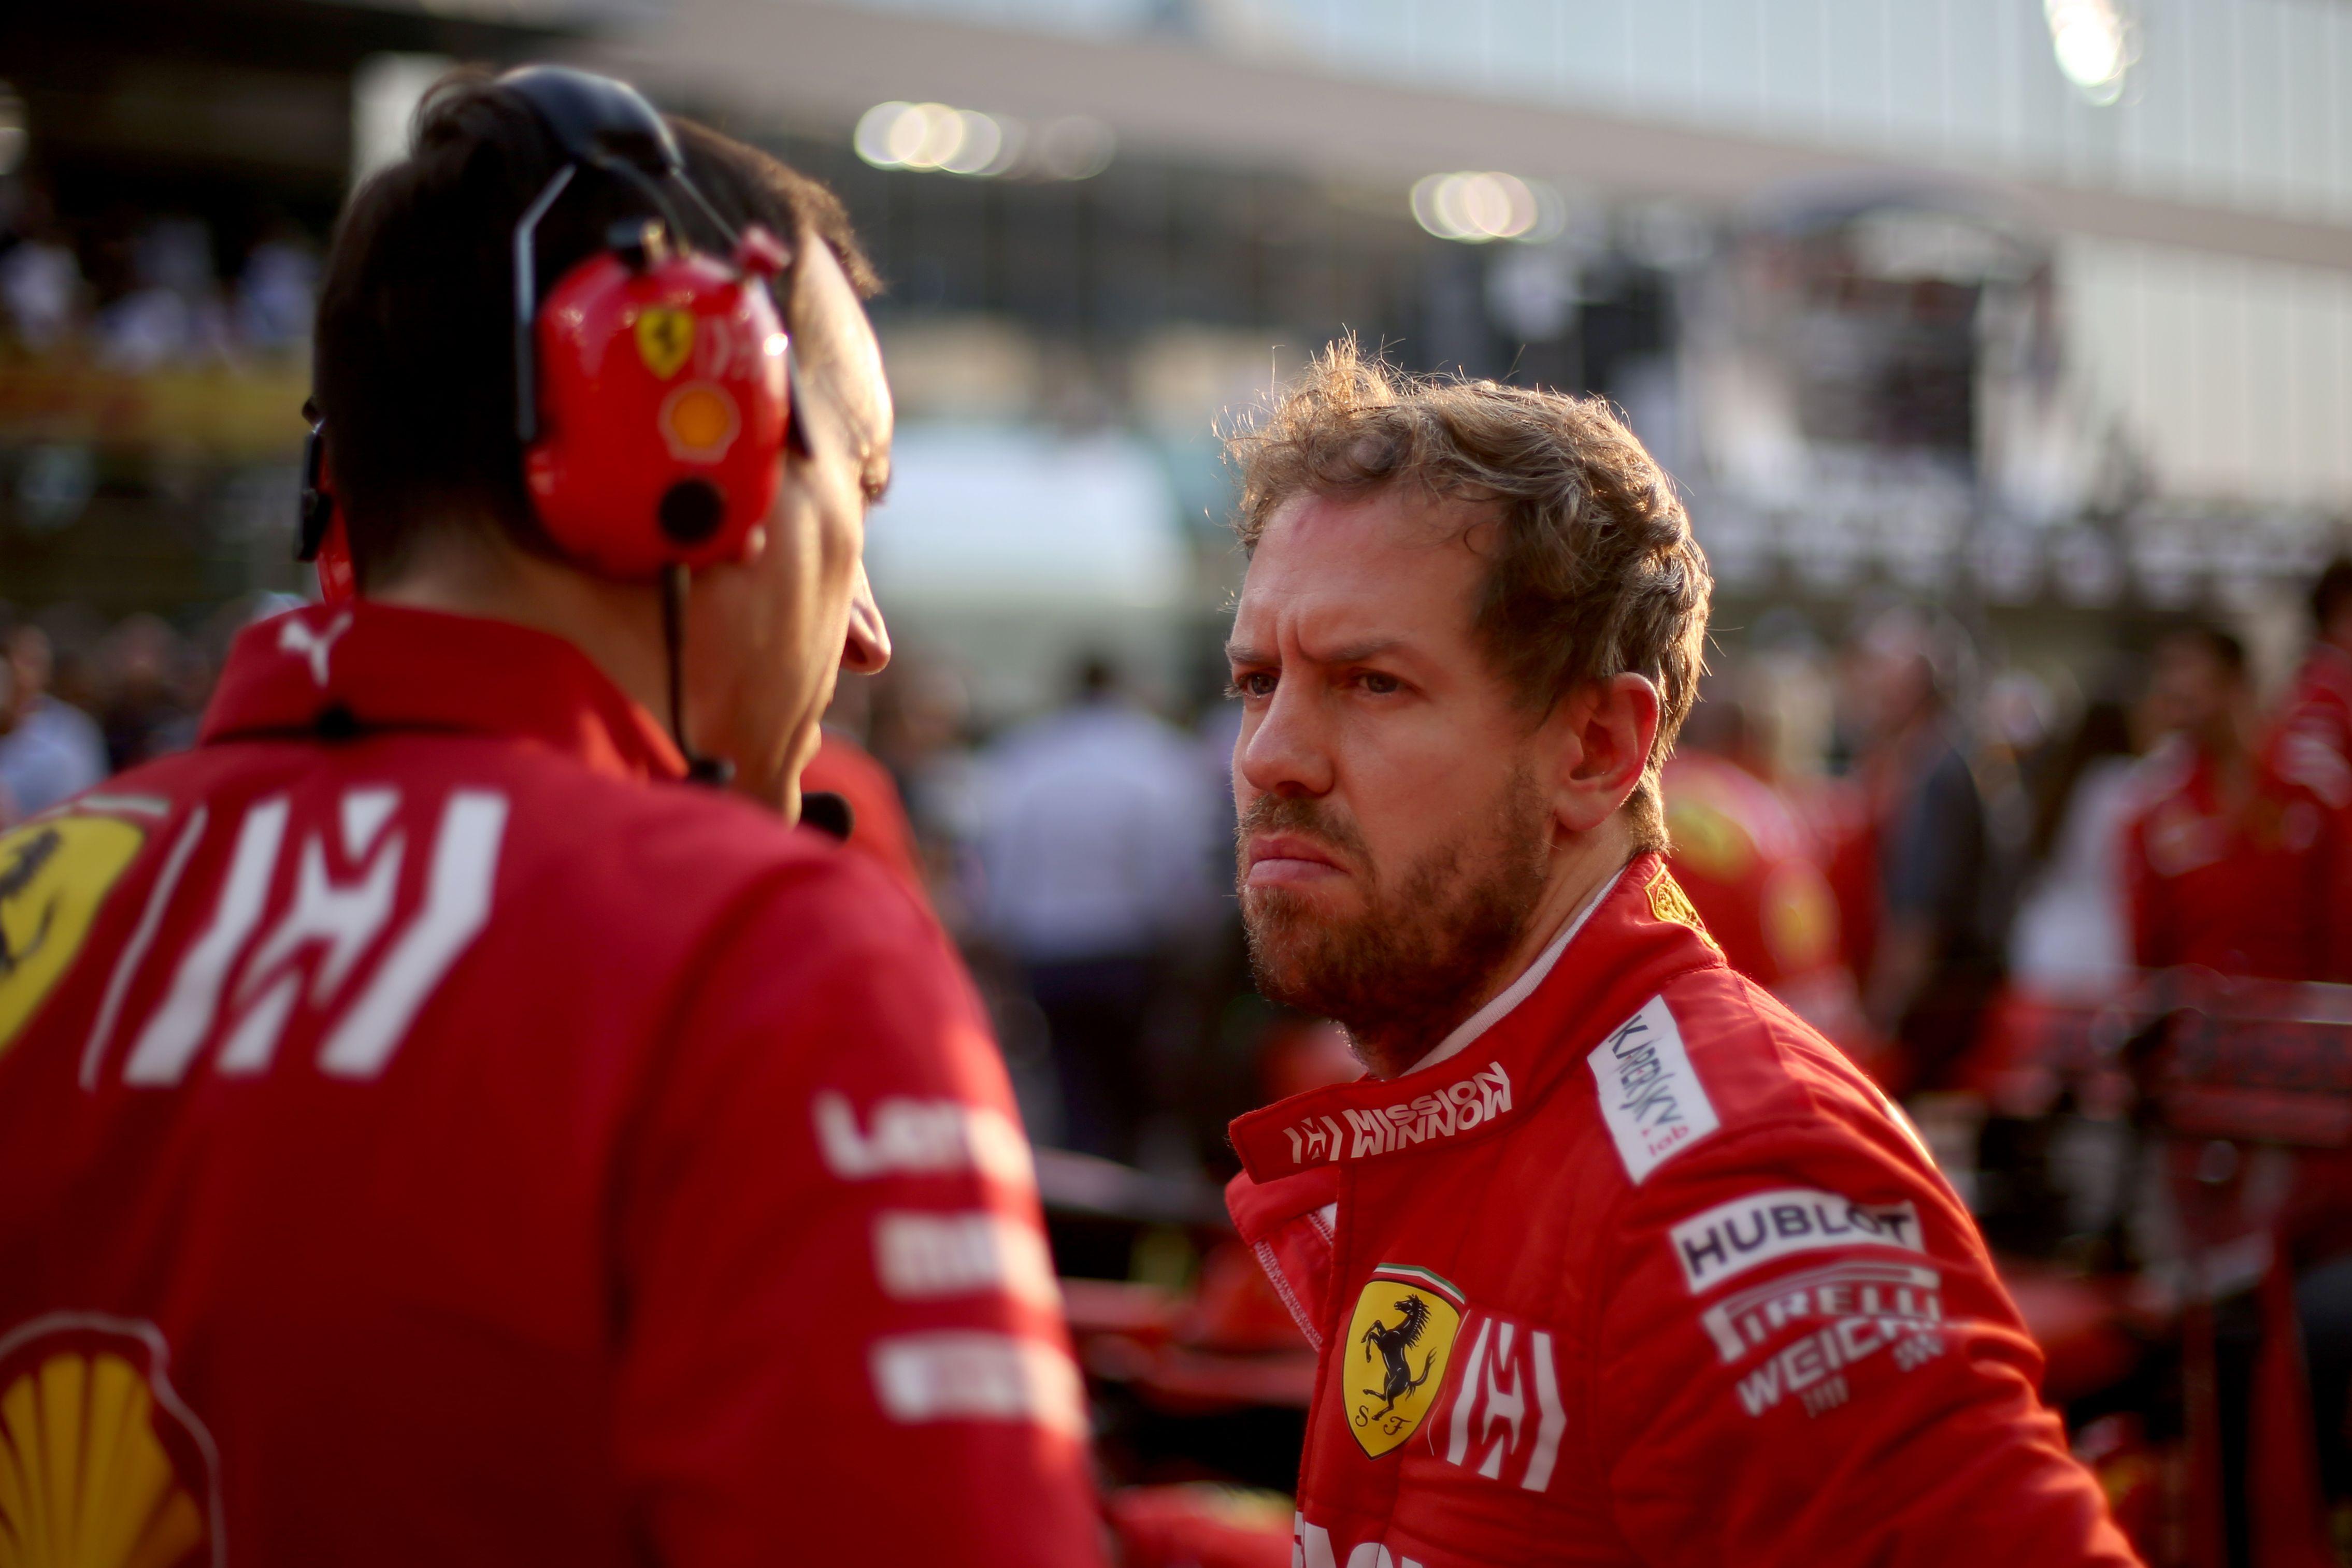 Sebastian Vettel On His Time At Ferrari I Have Failed